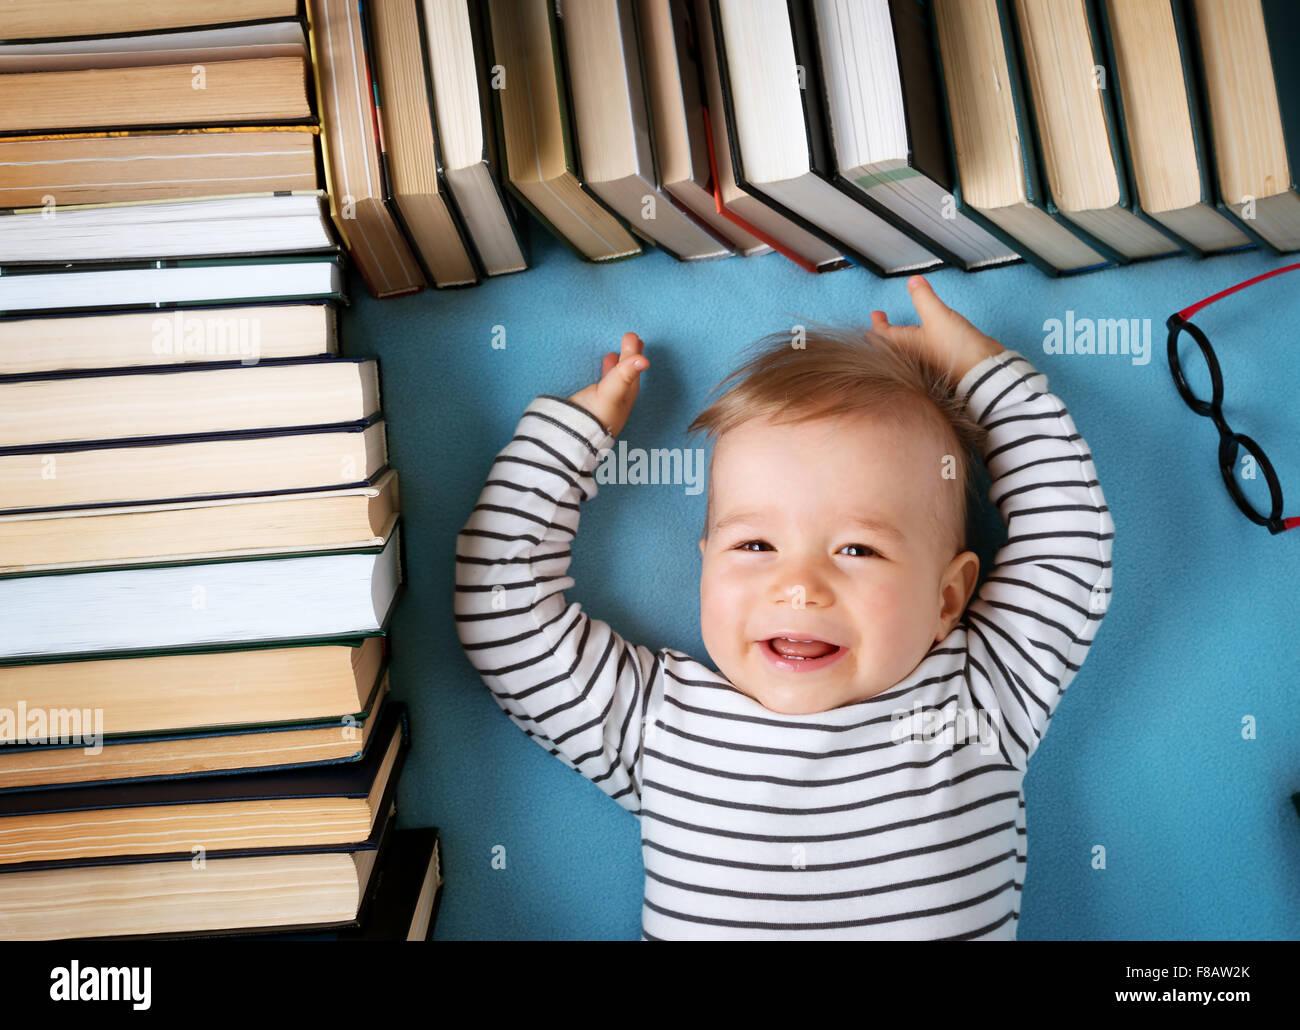 Um ano de idade bebé com spectackles e livros Imagens de Stock